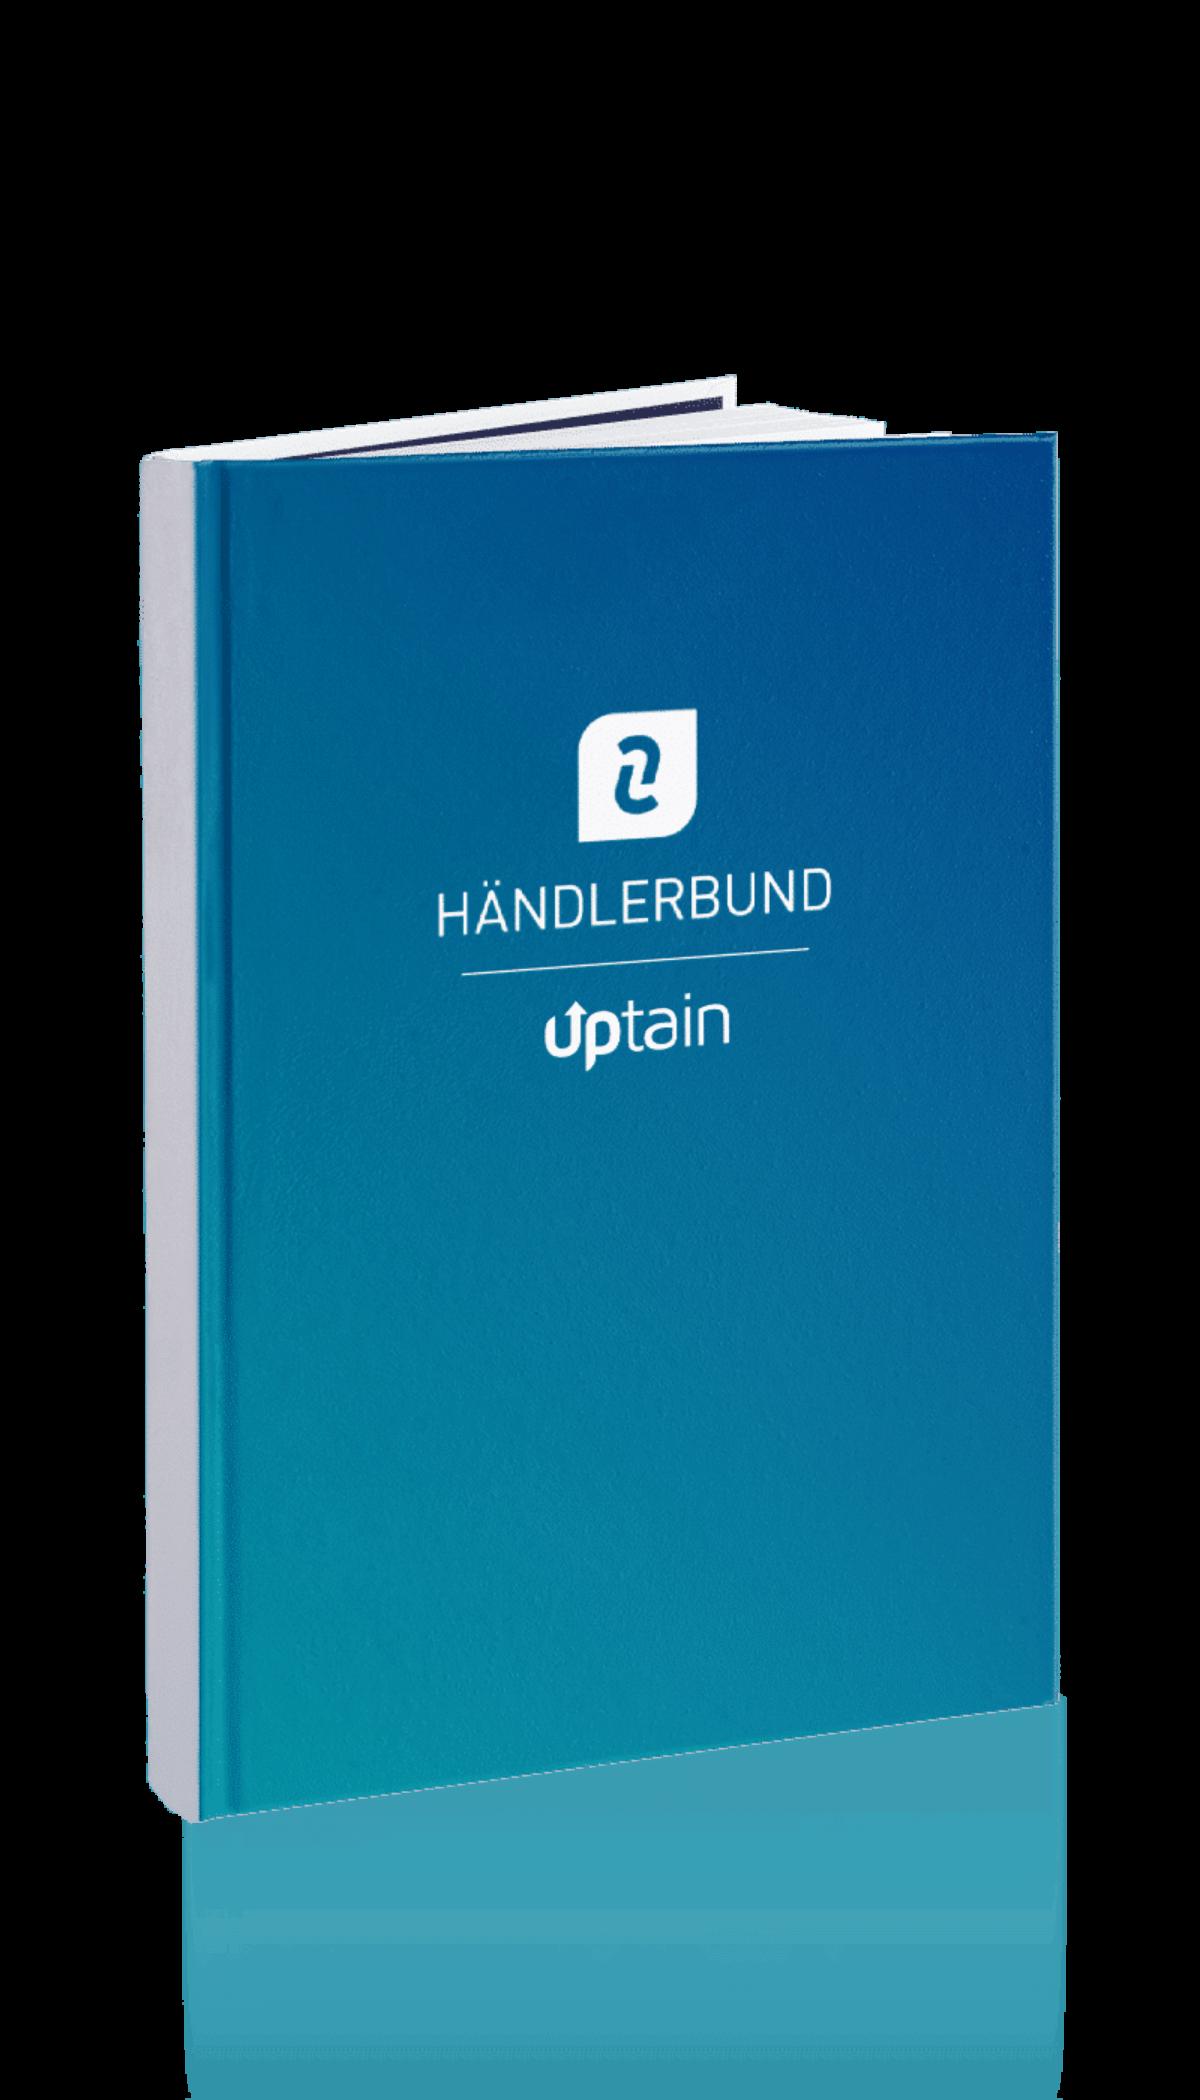 Händlerbund-Download-Cover